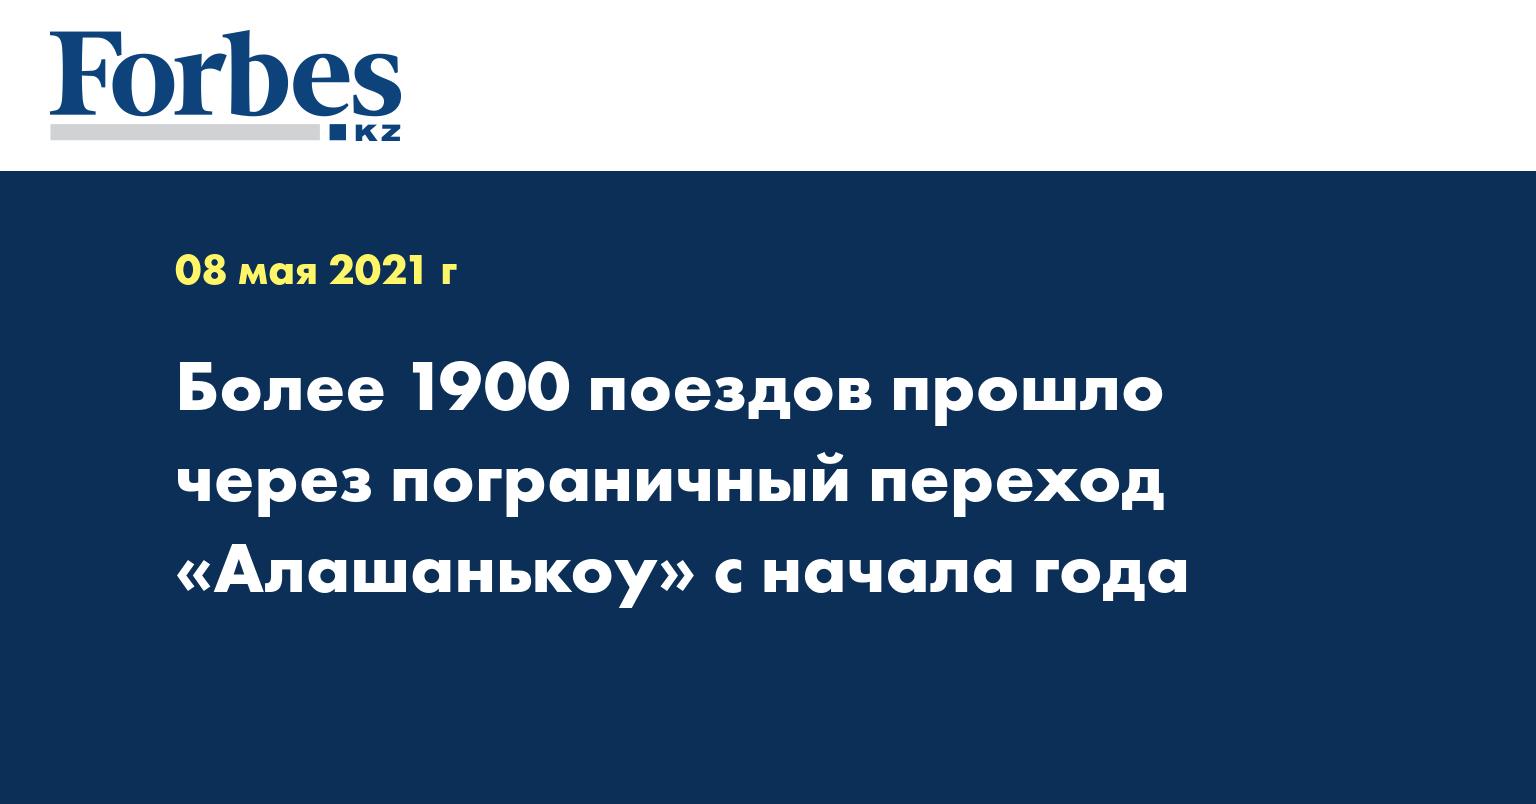 Более 1900 поездов прошло через пограничный переход «Алашанькоу» с начала года